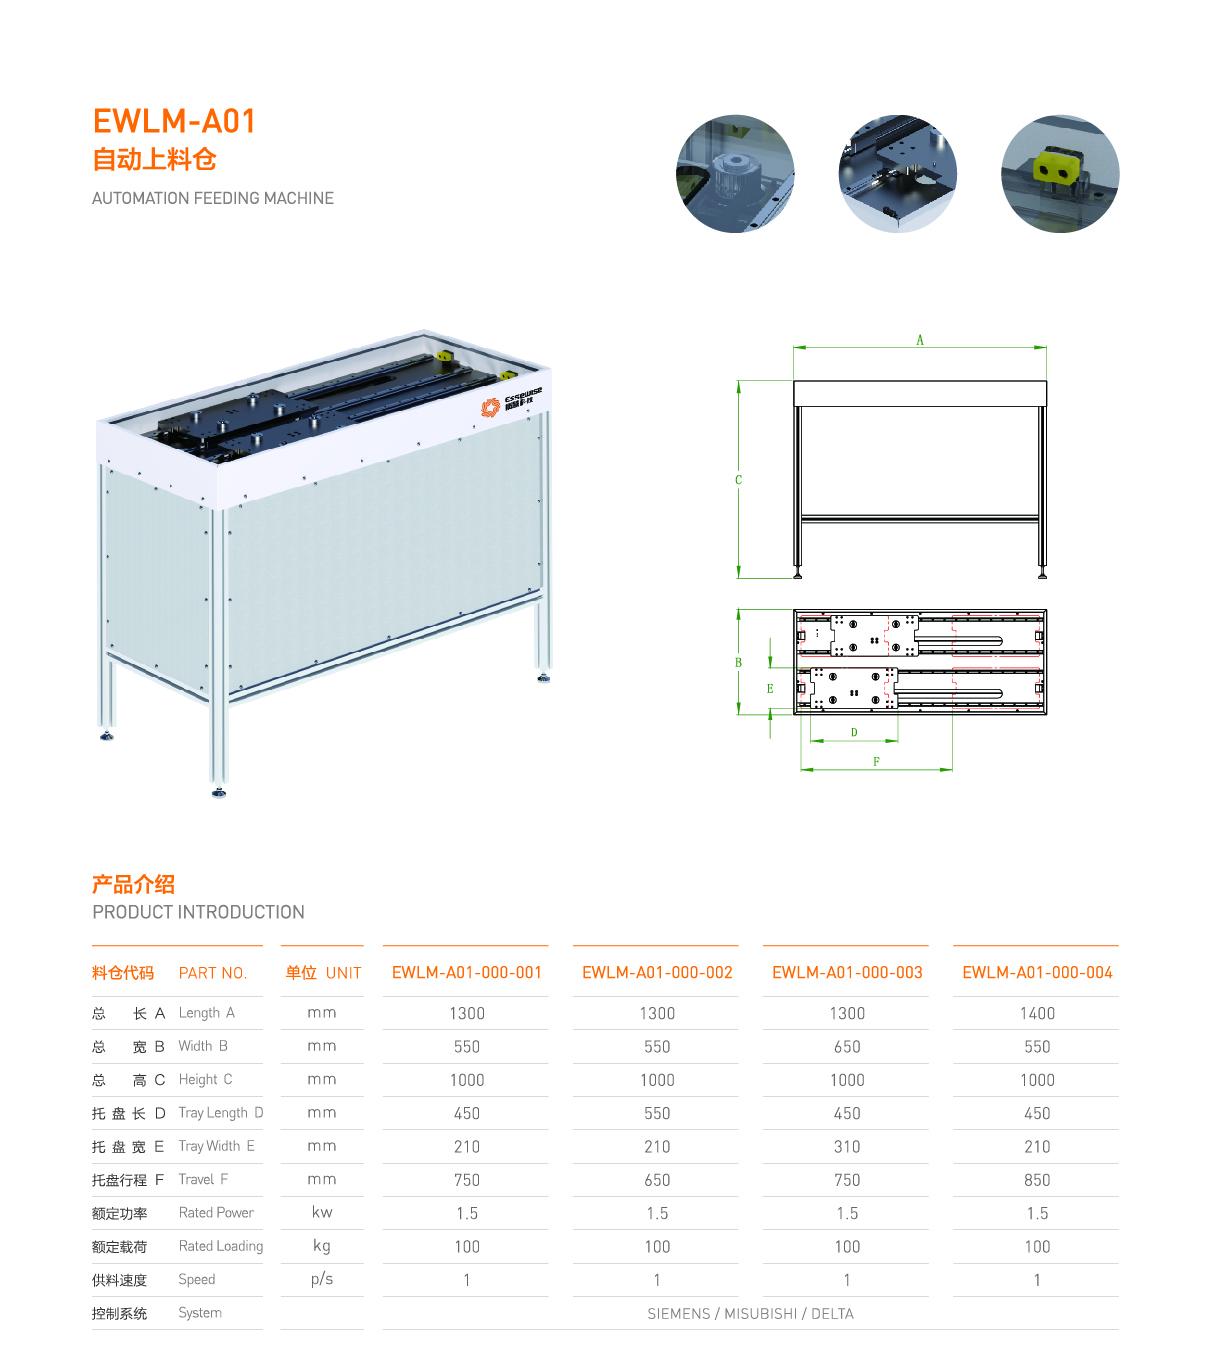 自动上料仓 EWLM-A01